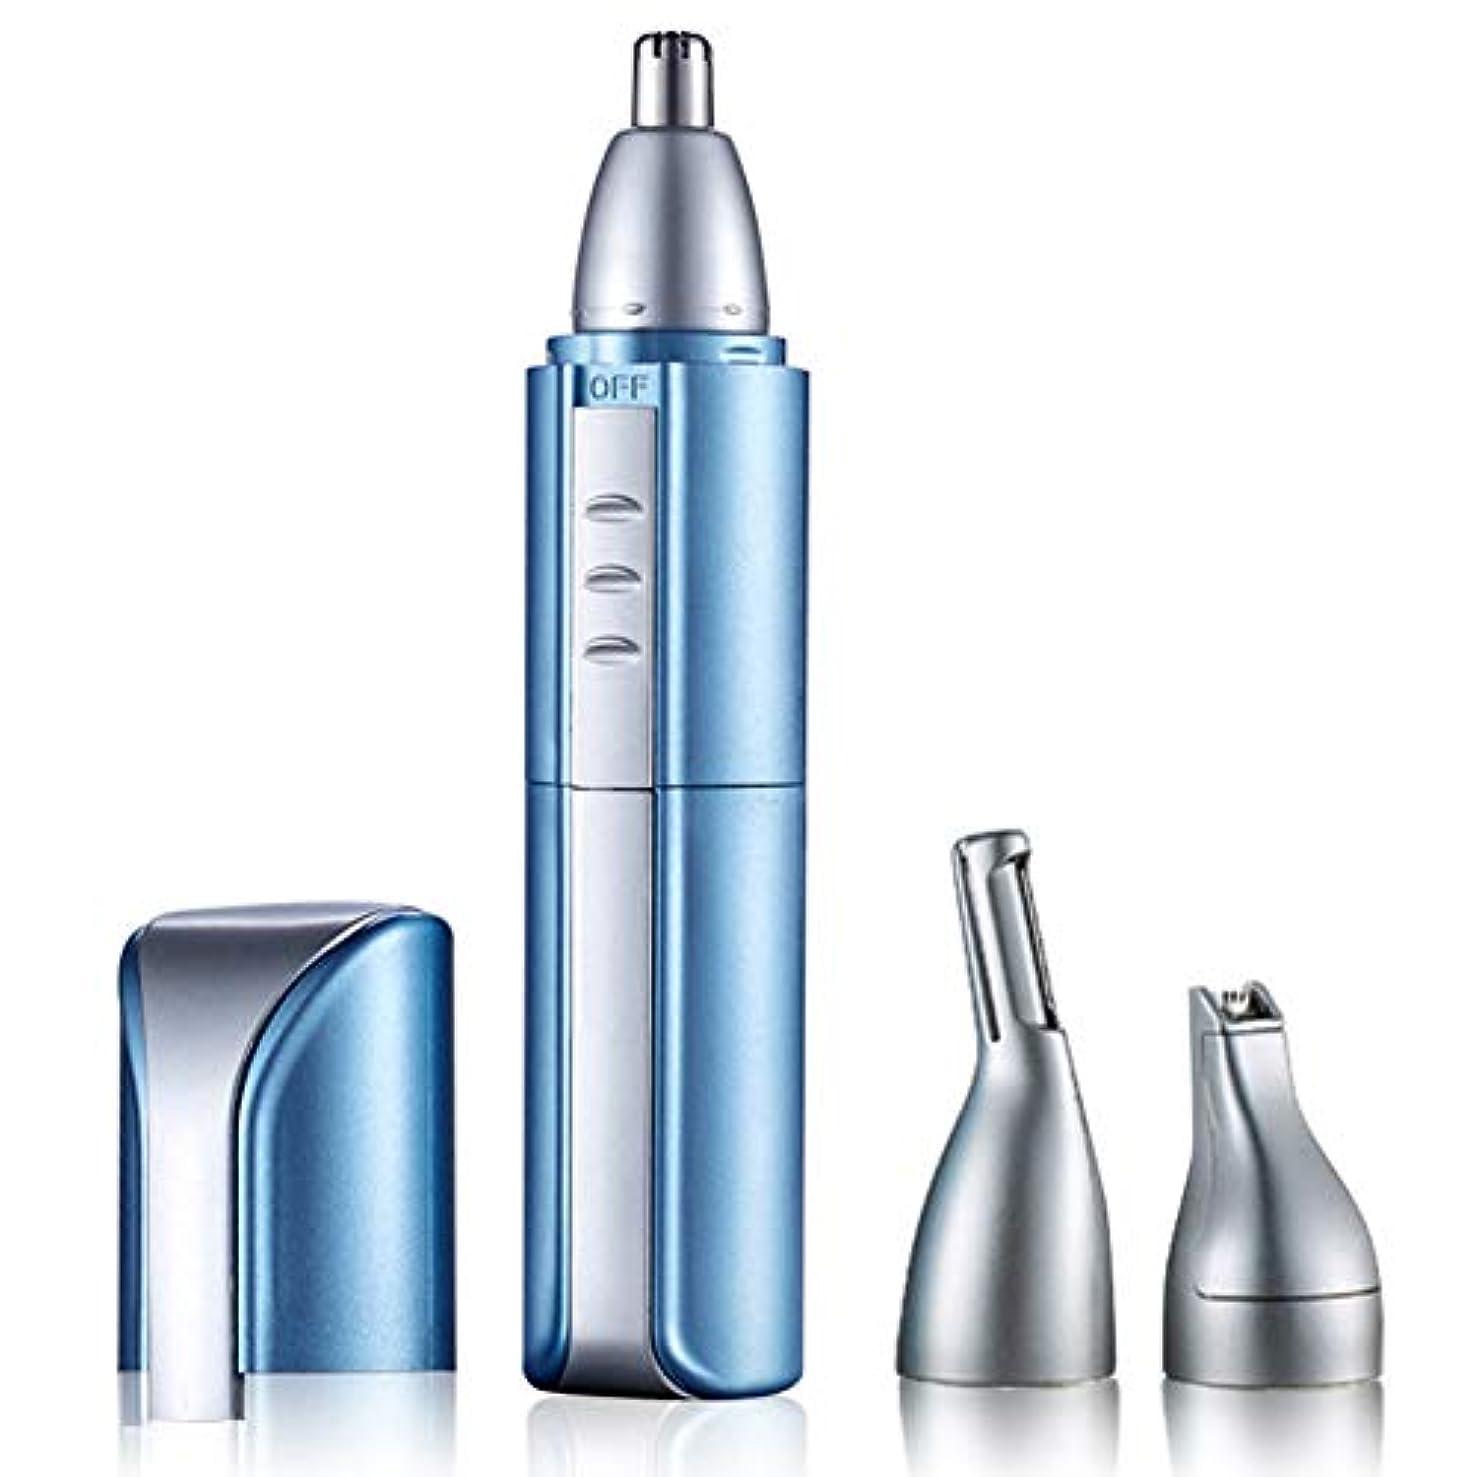 男性/女性の顔のケア、洗える乾いた乾いた二重使用のための鼻のヘアトリマー3-in-1鼻の耳と眉毛のヘアトリマー(USB充電式)